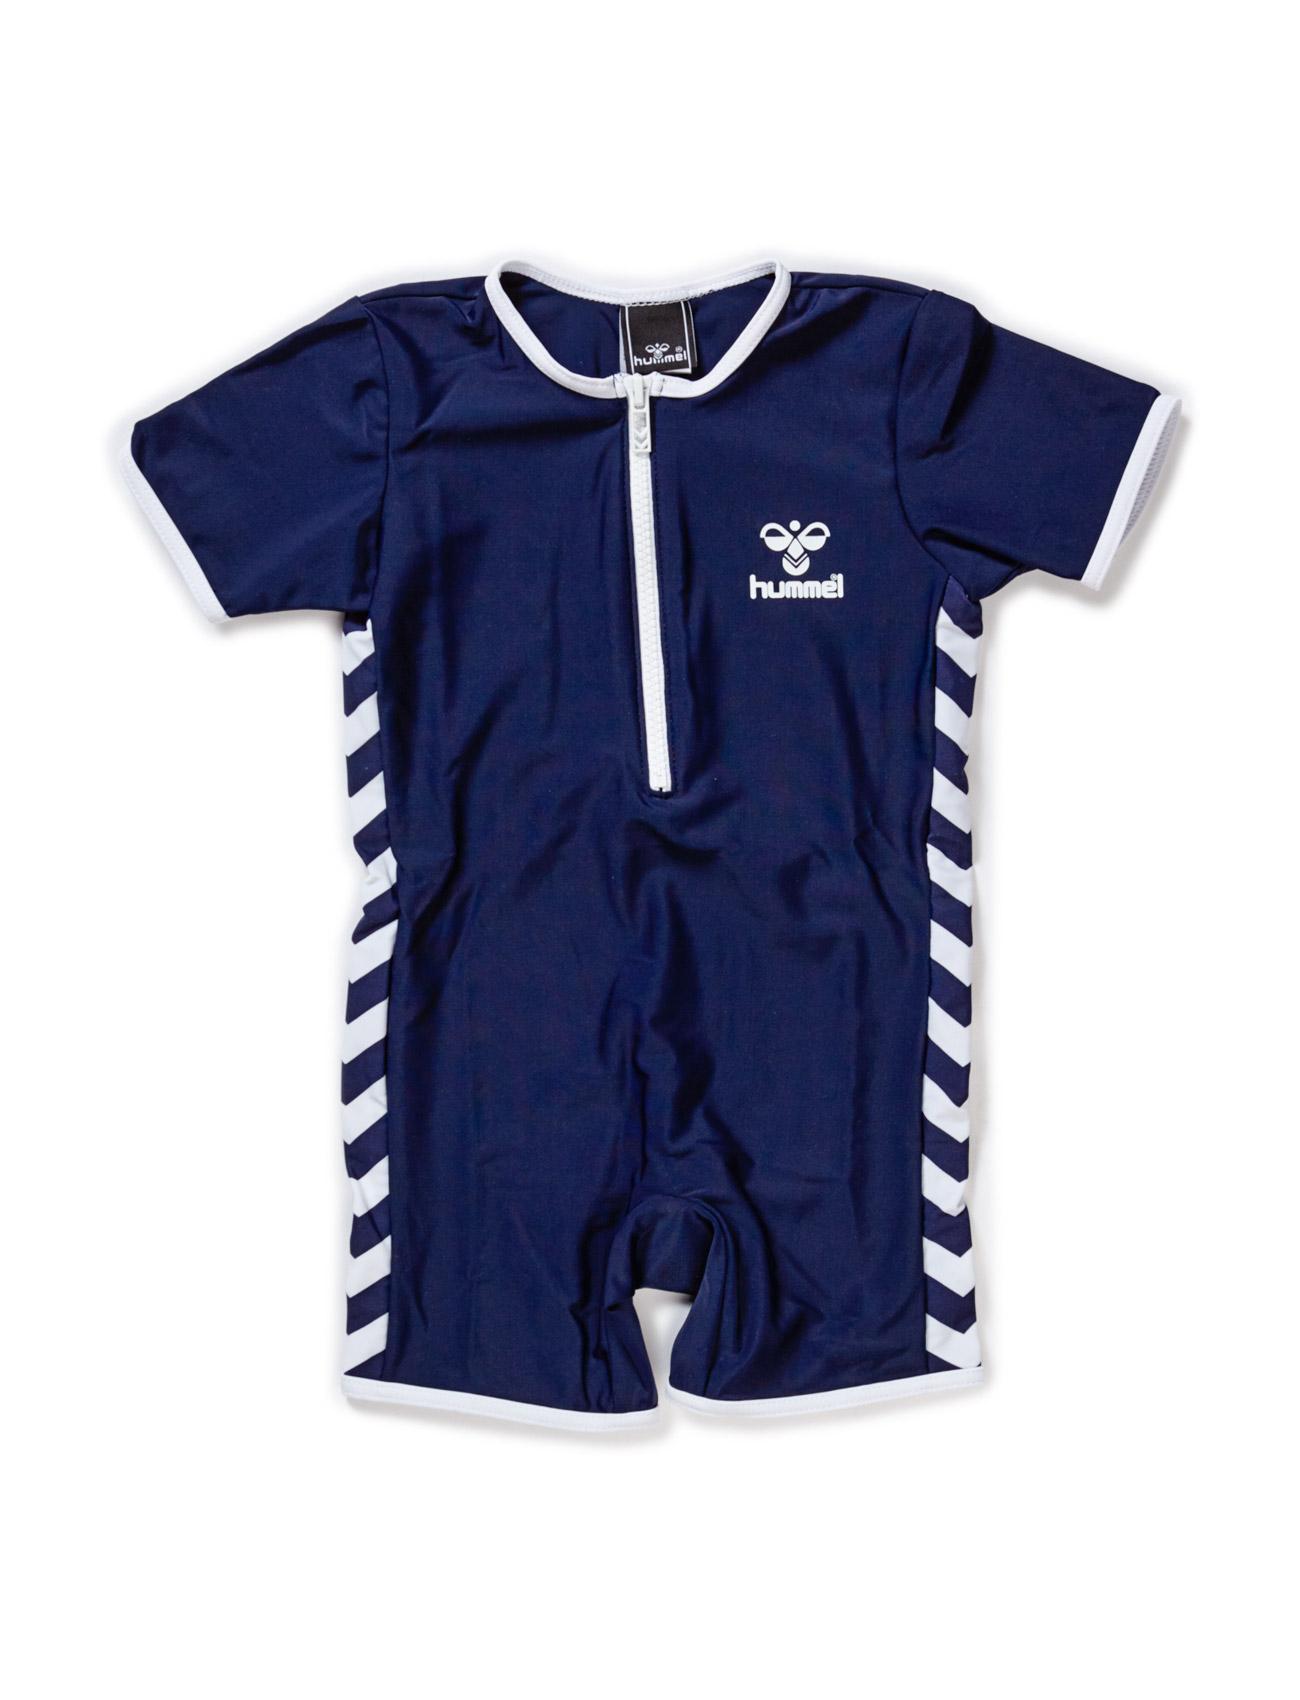 Moxie Swimsuit Hummel Badetøj til Børn i